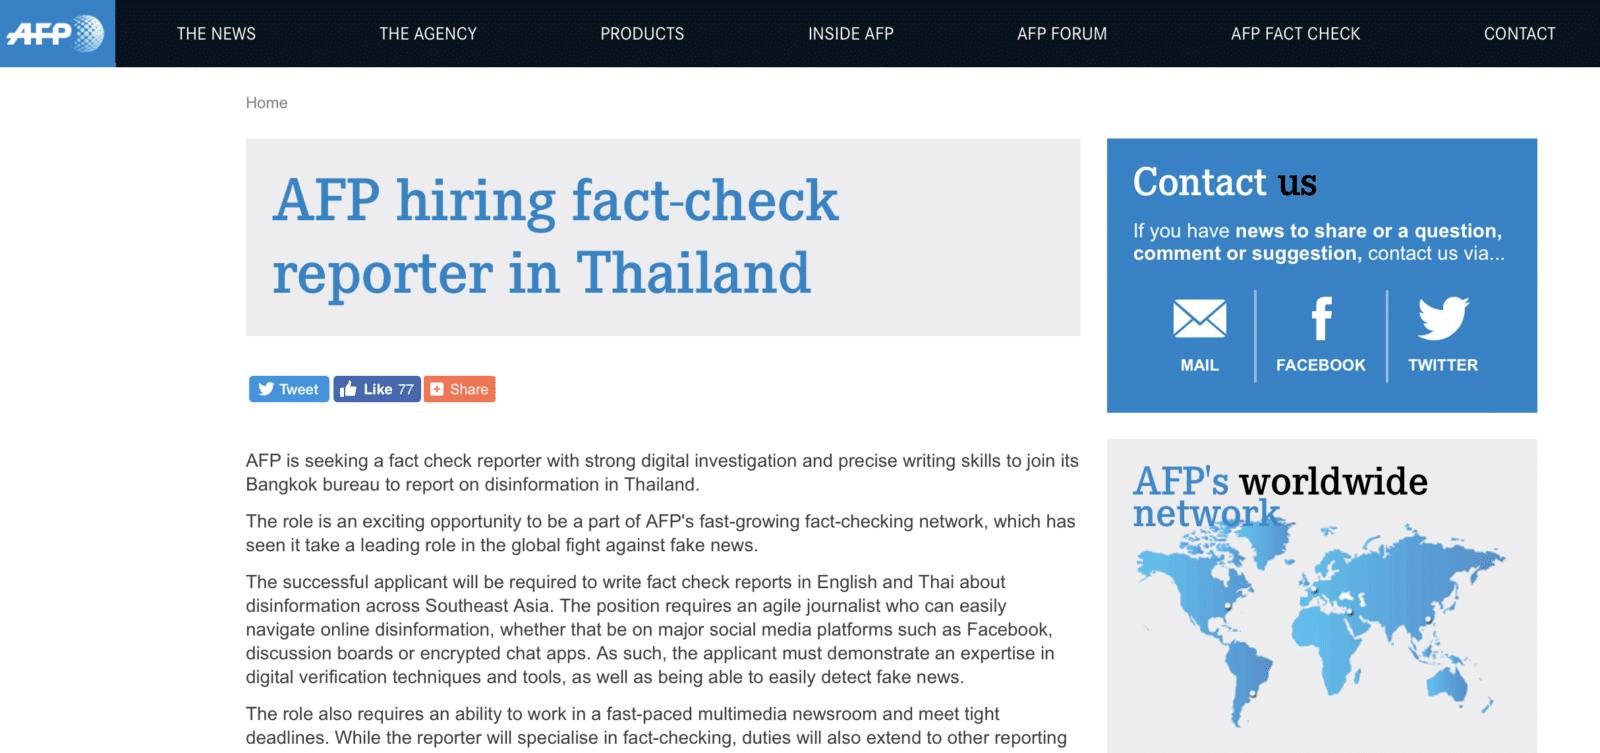 สำนักข่าว AFP เปิดรับสมัครตำแหน่ง  Fact Checker ในไทย